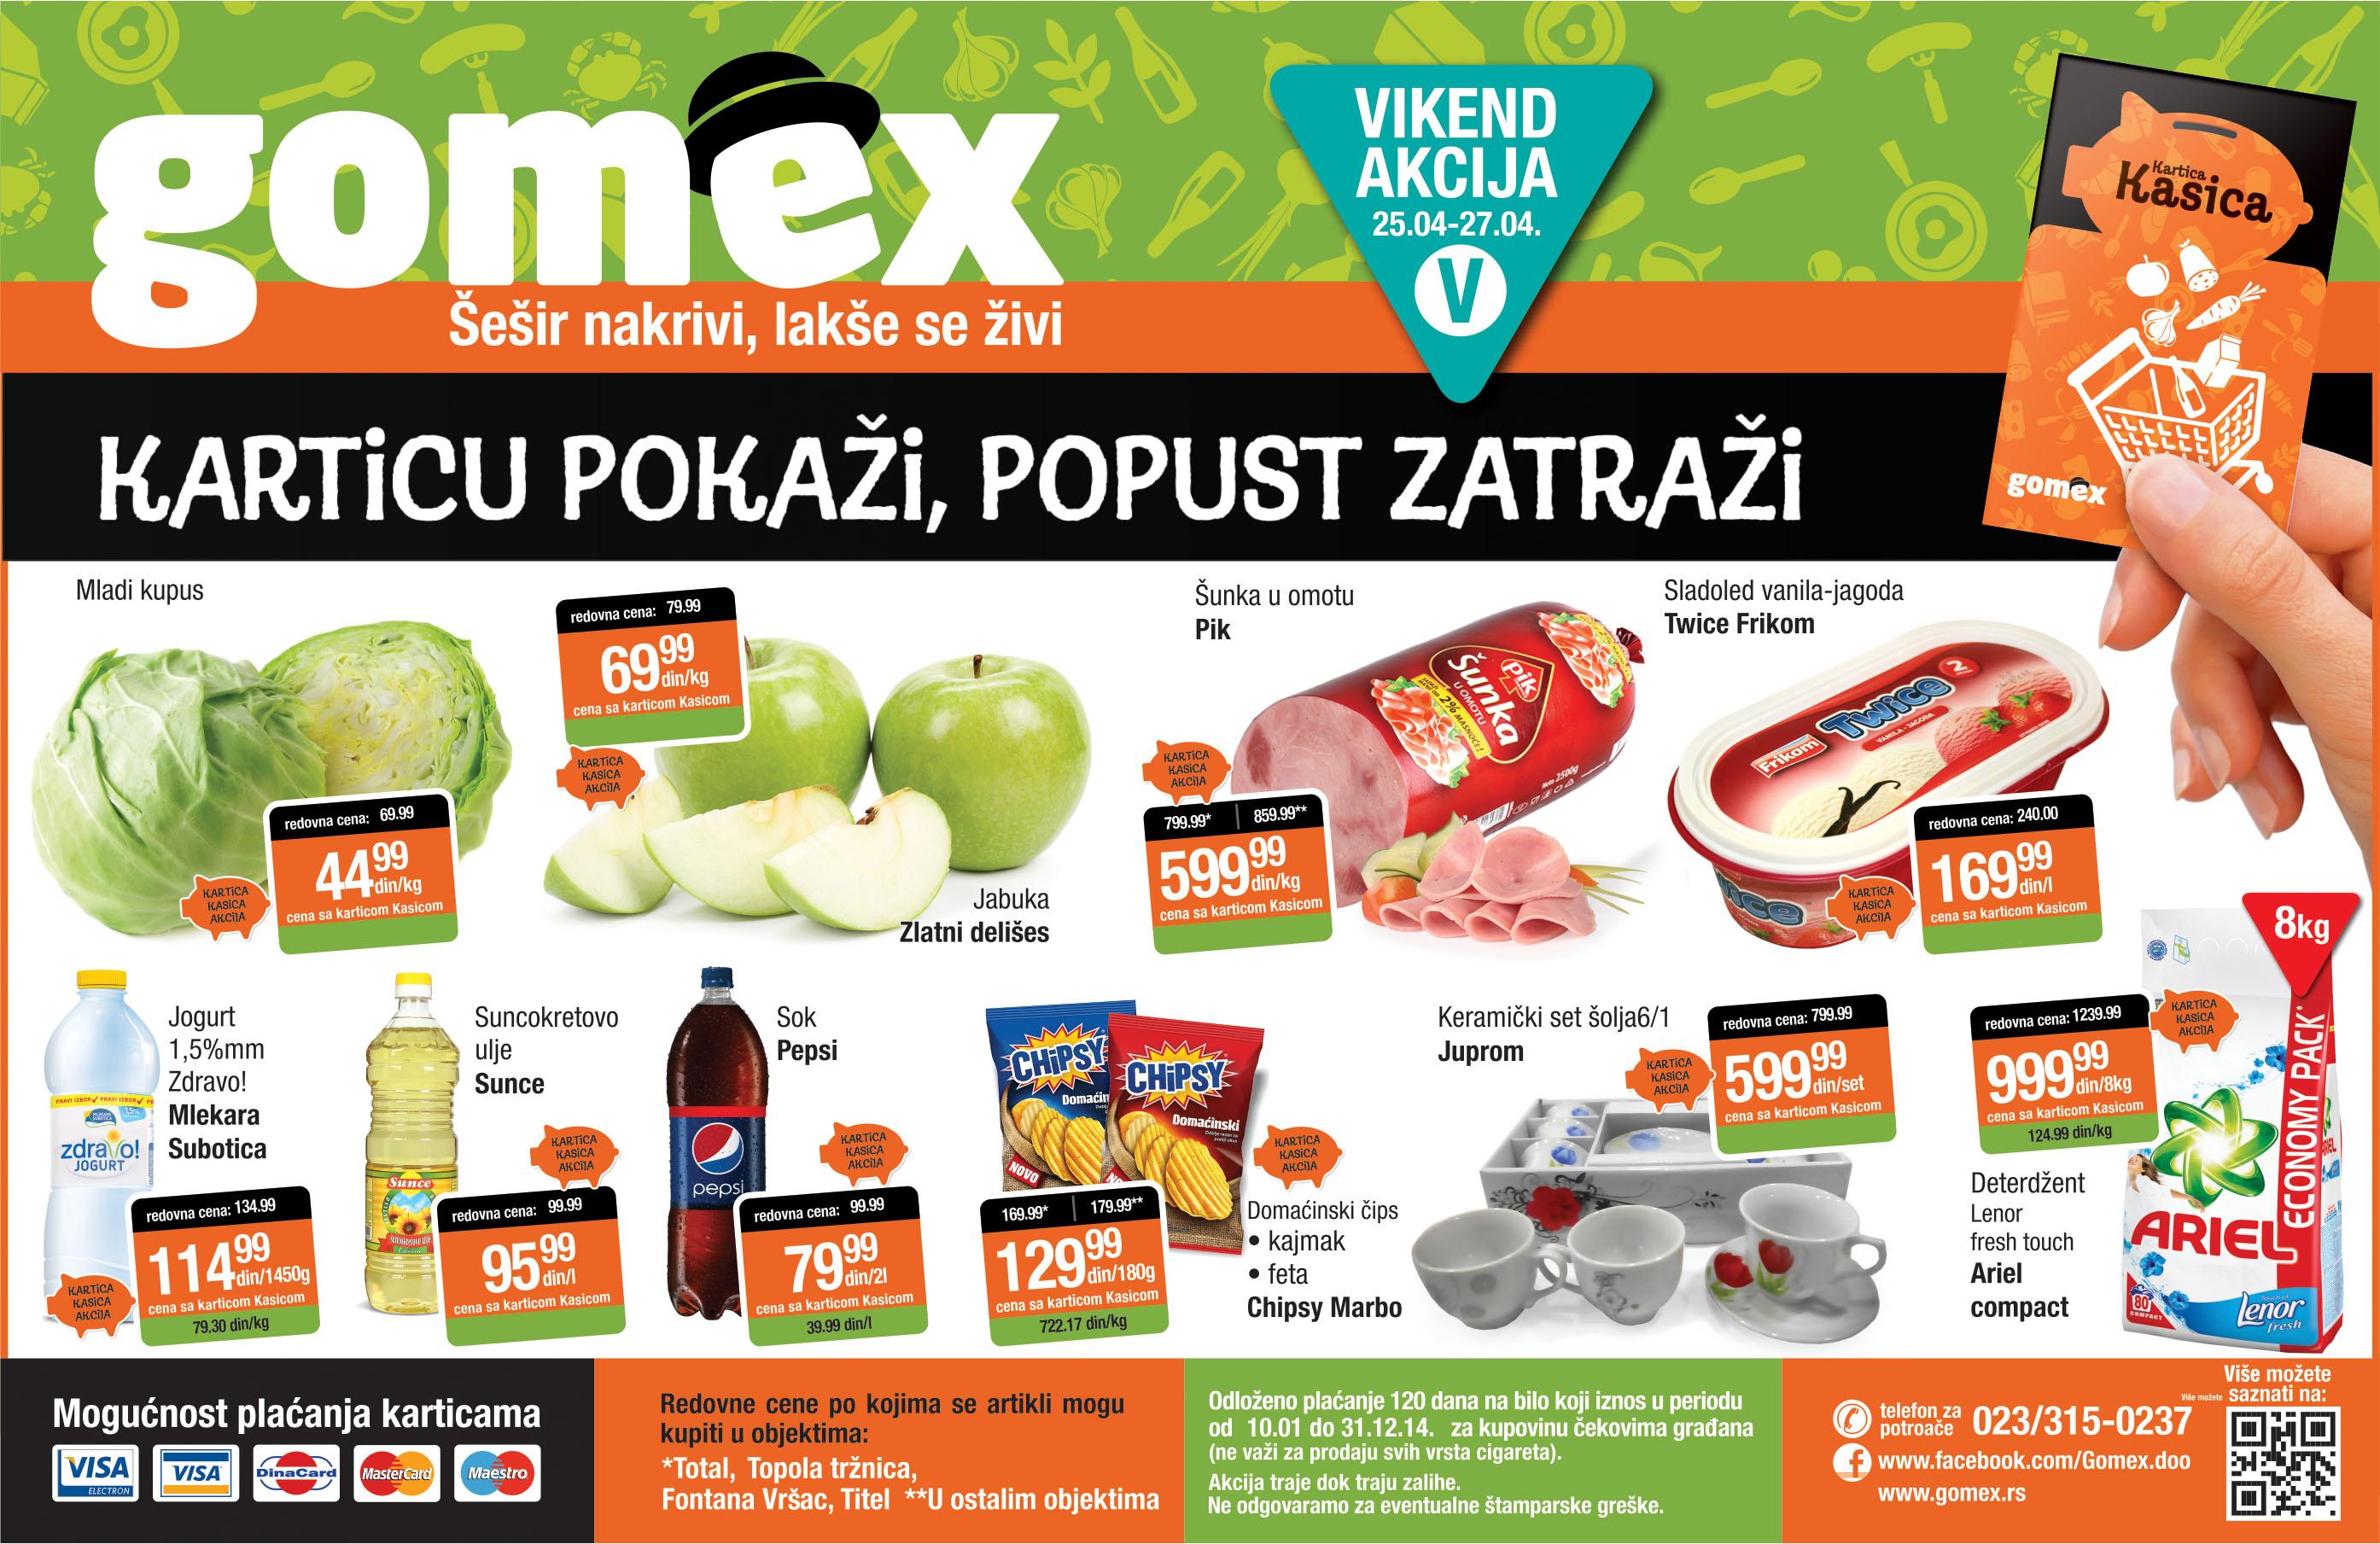 Gomex akcija vikend super ponude je spreman